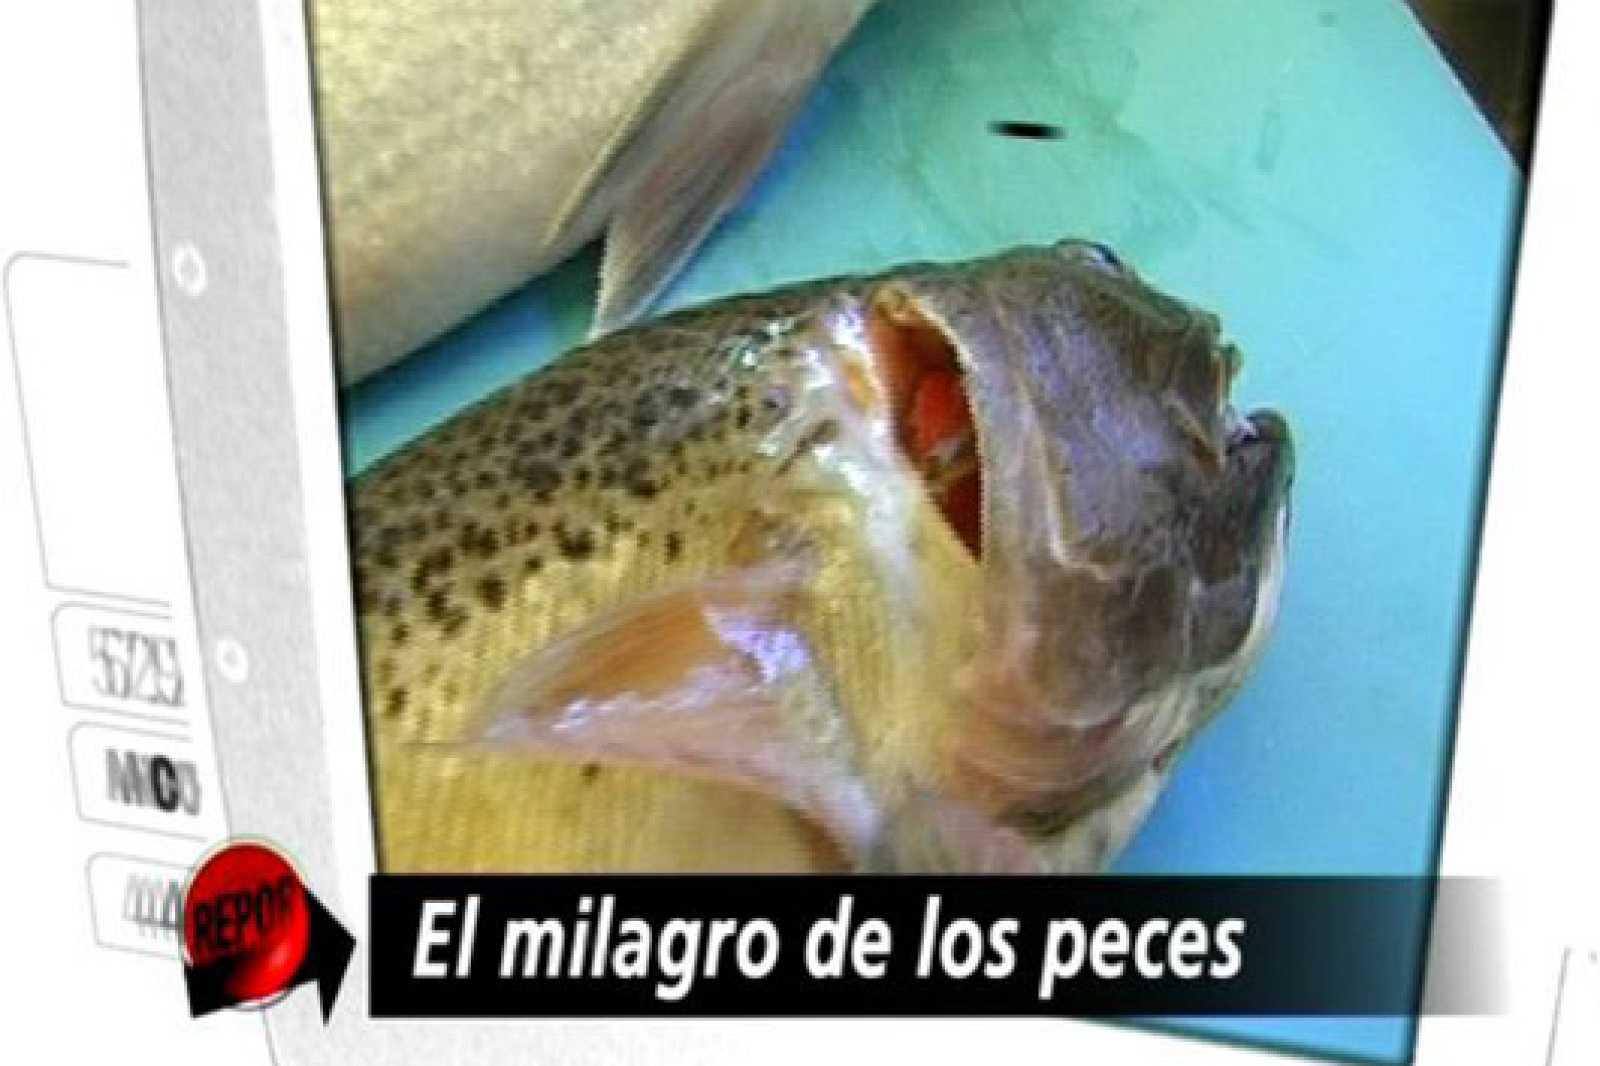 Repor: El milagro de los peces (19/10/10)